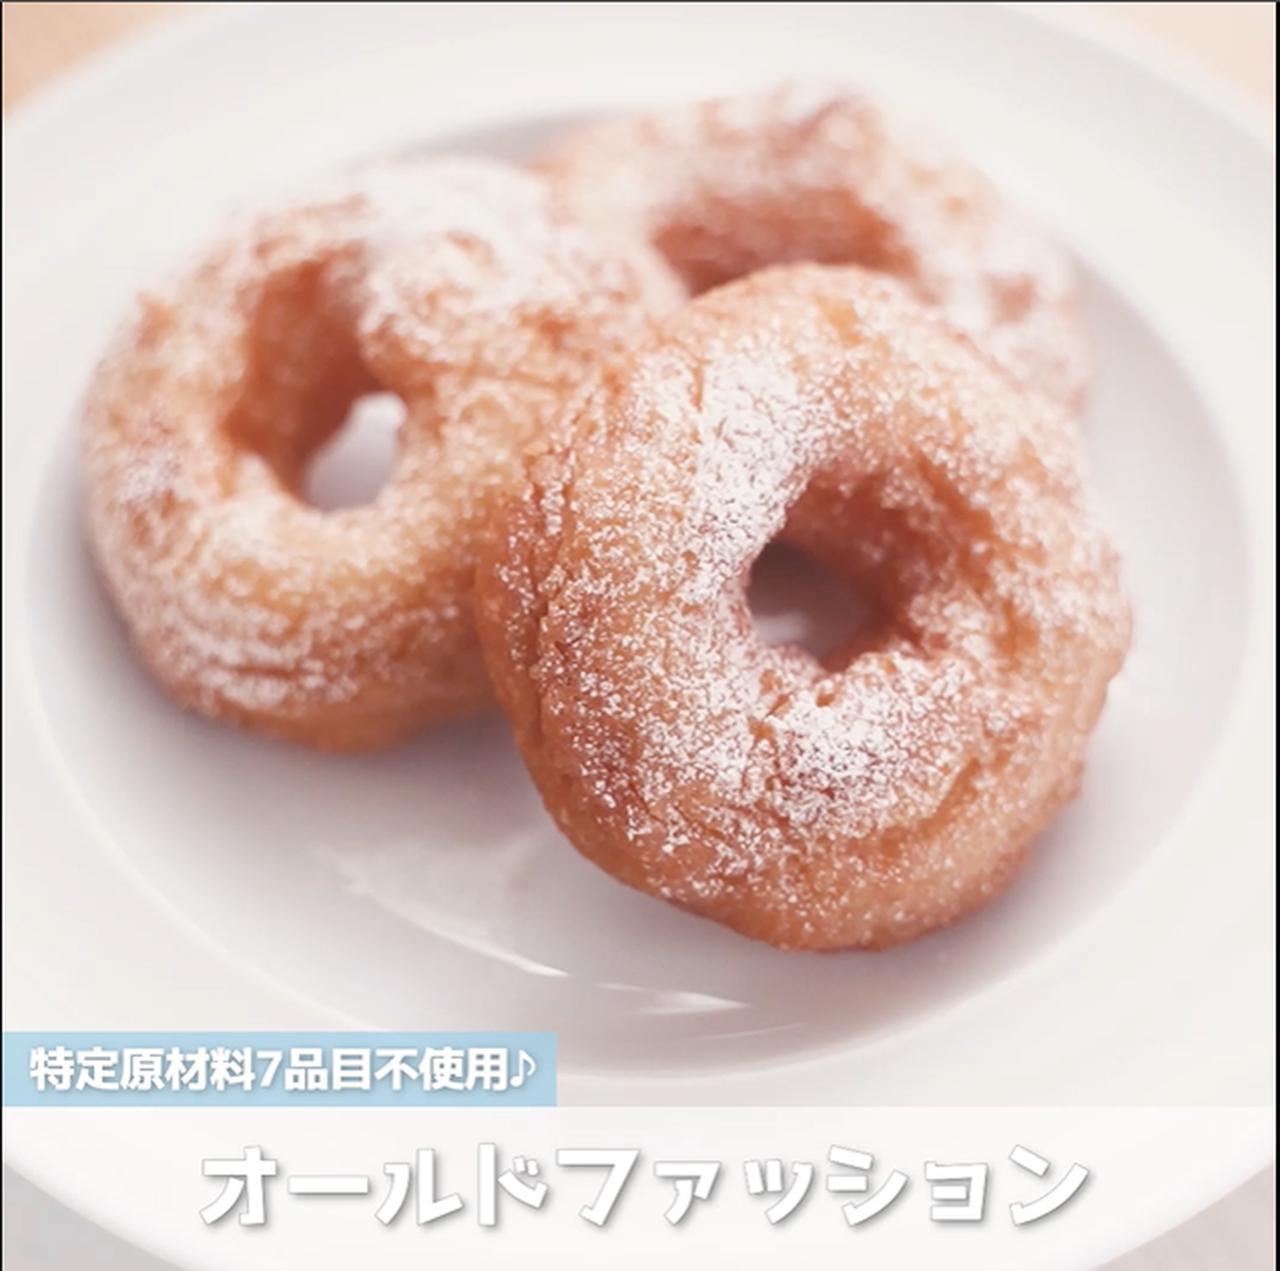 画像: おやつに大活躍!米粉で作るオールドファッション - 君とごはん